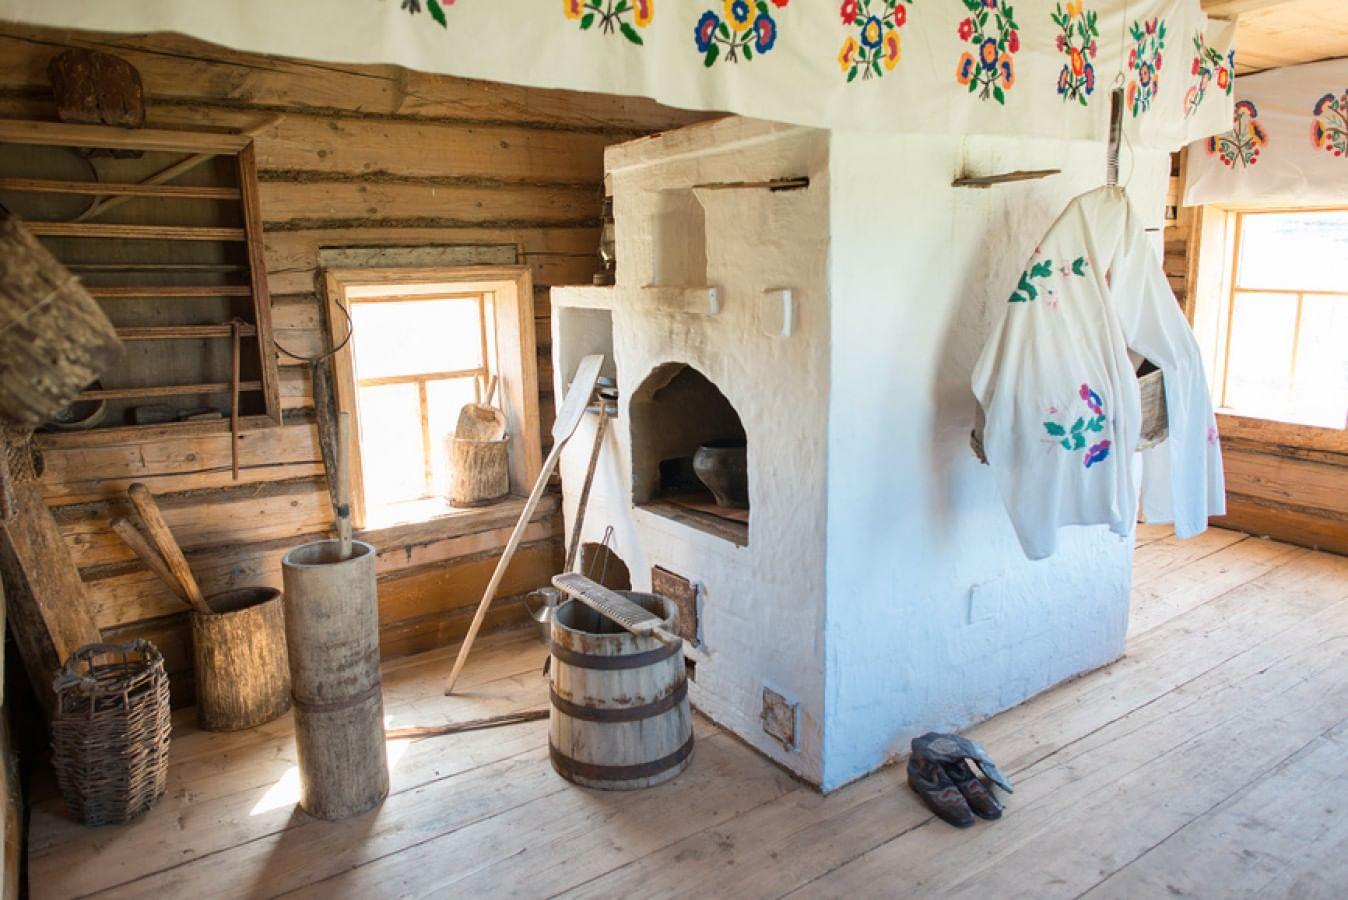 Правильный домик в деревне или строим избу, учась на опыте предков